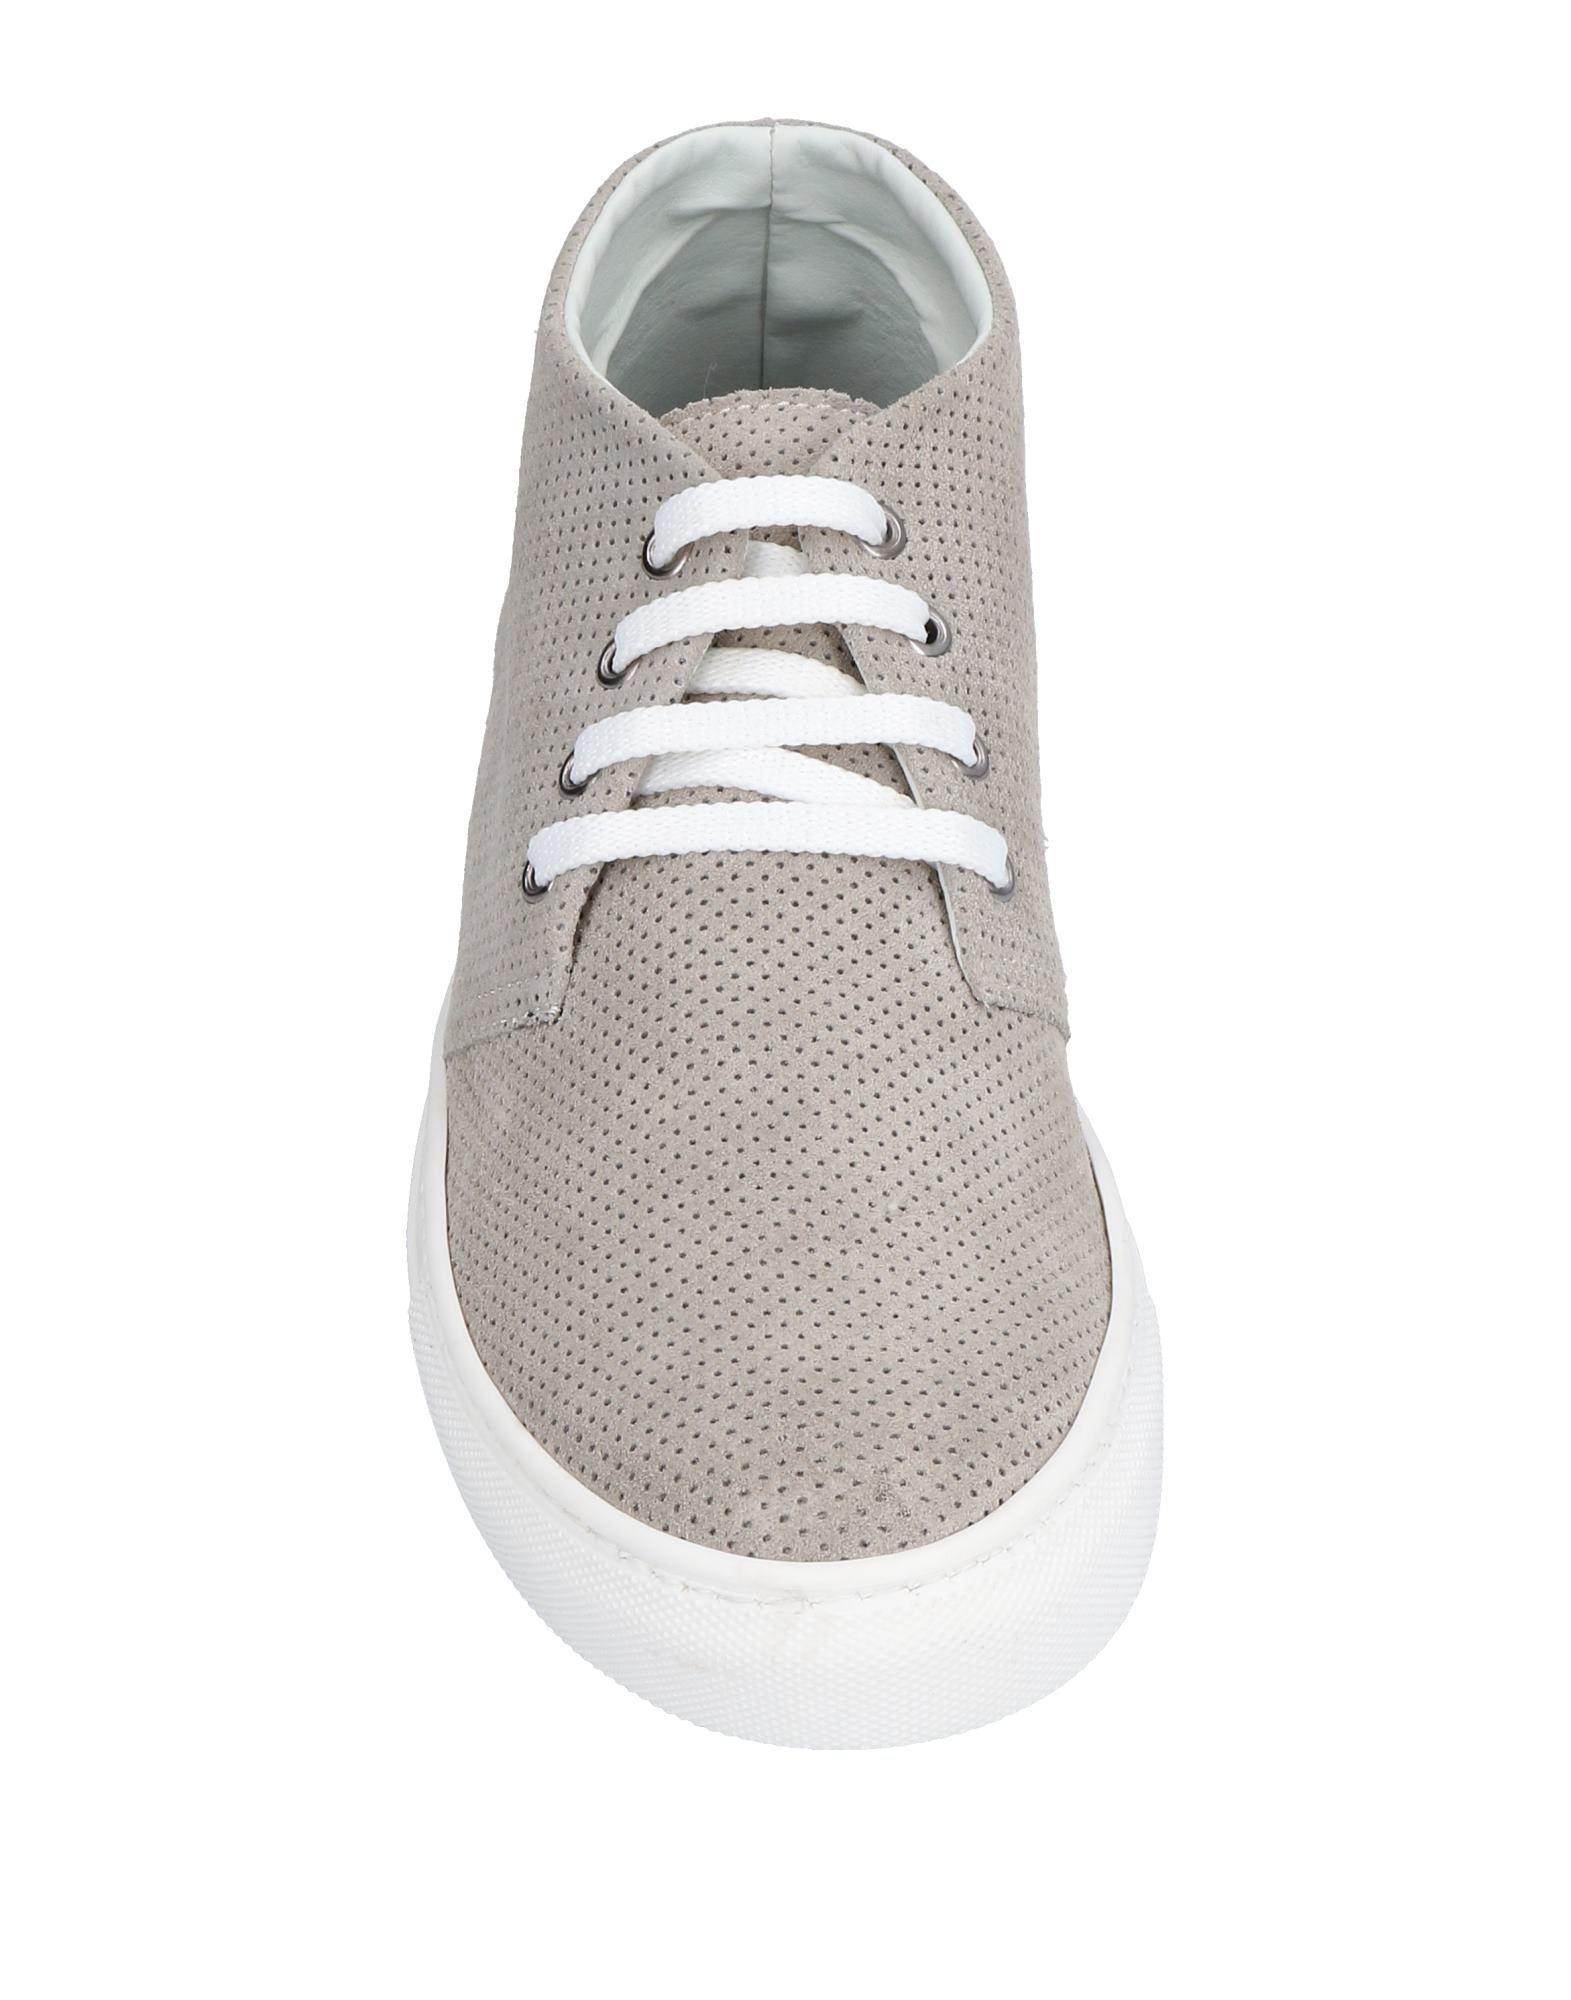 Rabatt echte  Schuhe Jàjà Sneakers Herren  echte 11513148RR 1d1b80